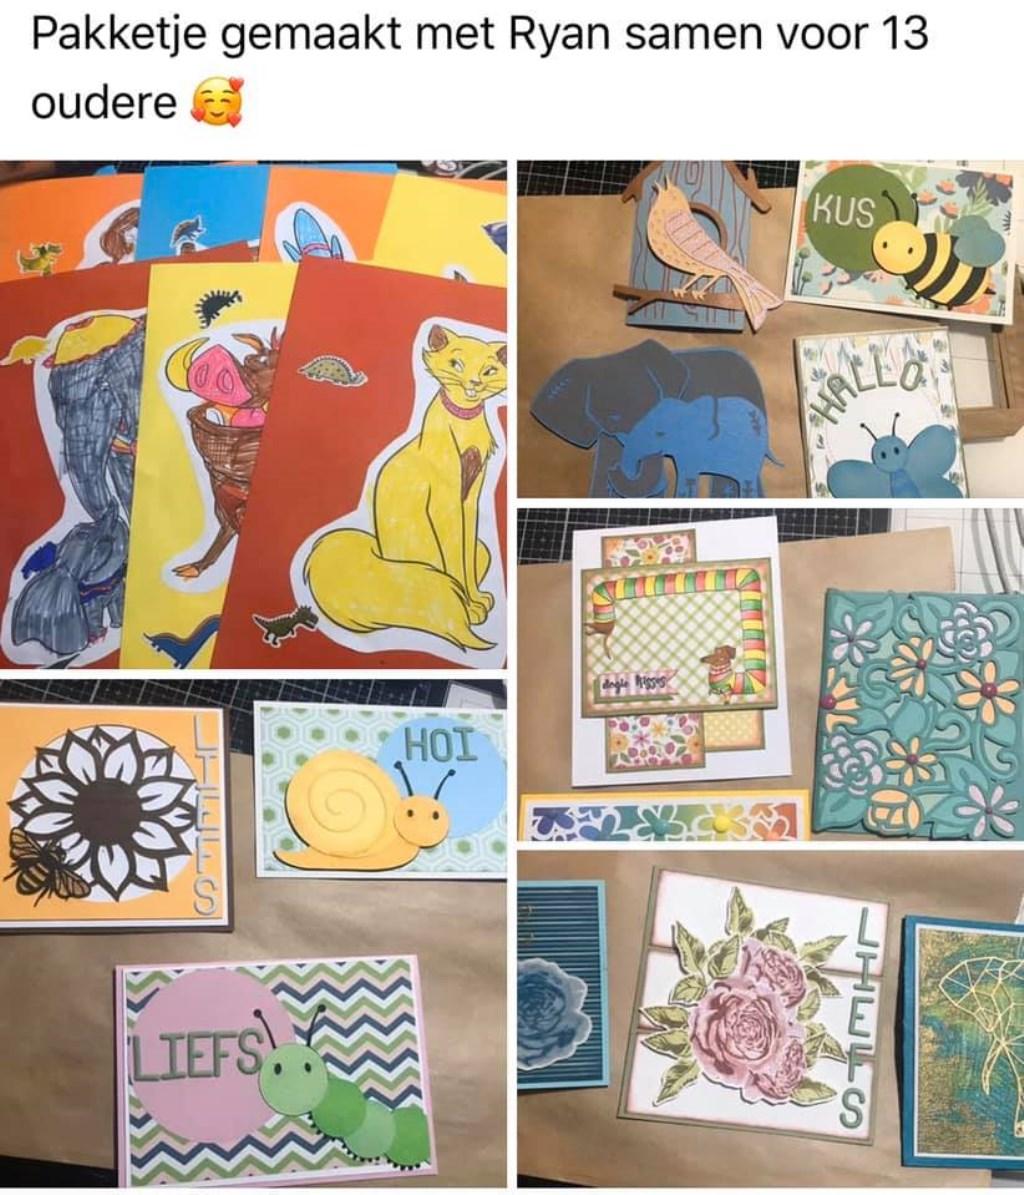 Voorbeelden van kaarten die door deelnemers aan de Facebookgroep zijn gemaakt Sonja de Groot © BDU media